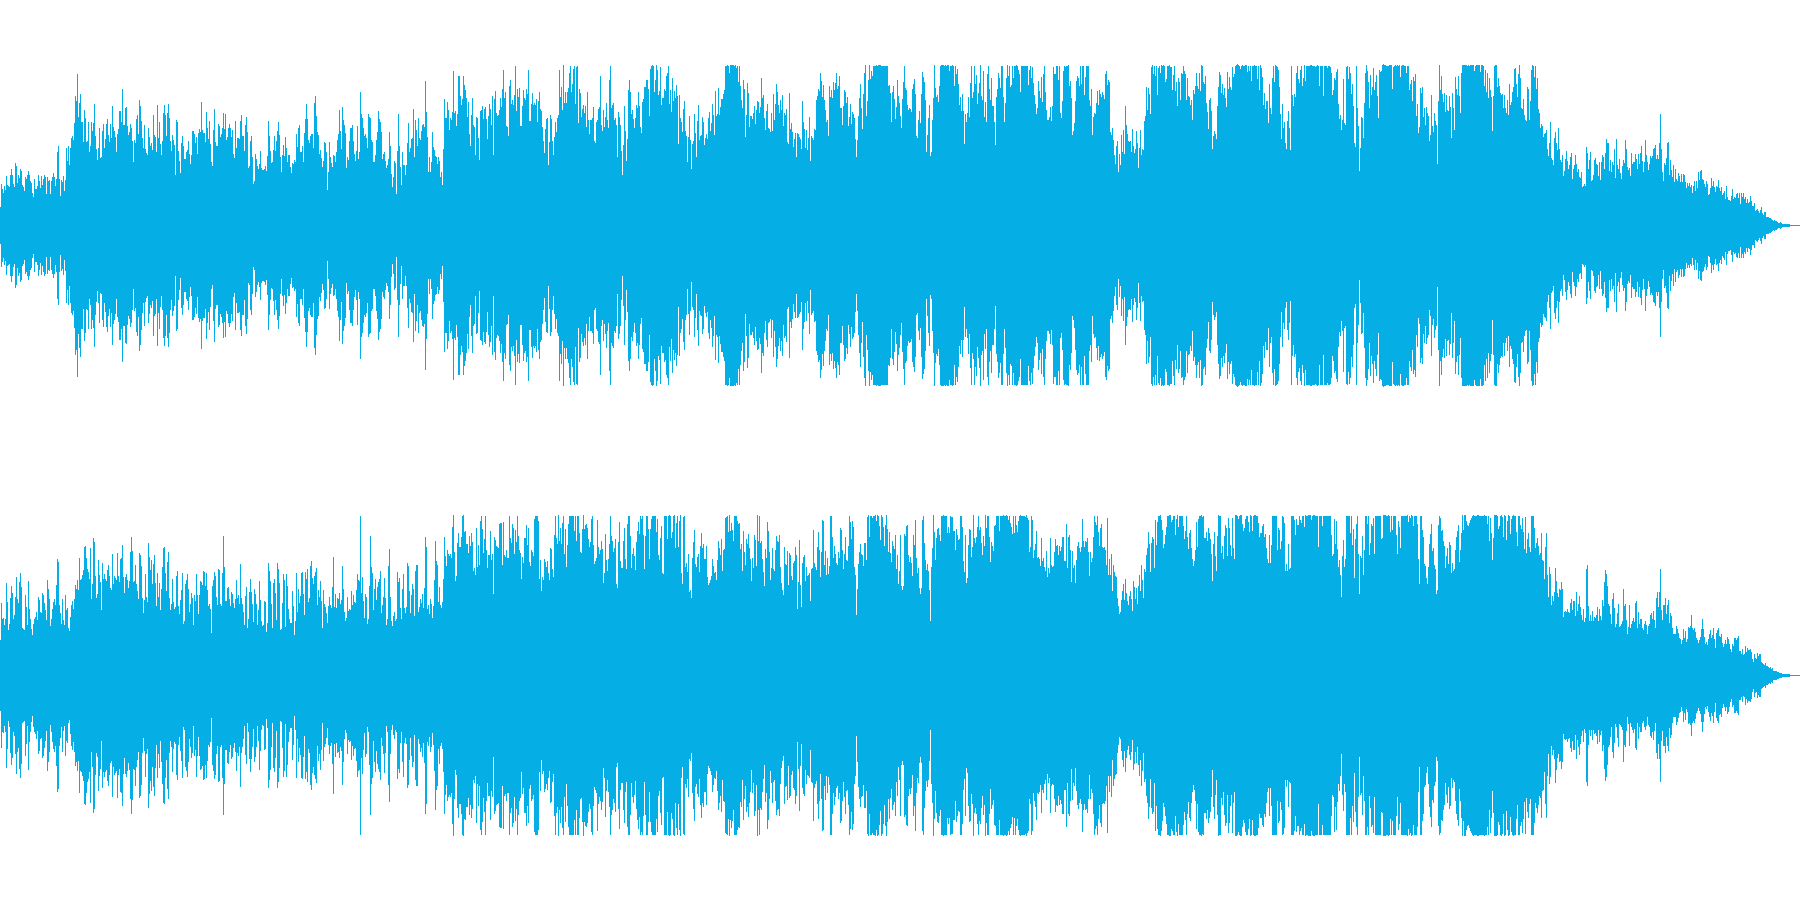 勢いと華やかな管弦楽器シンセサウンドの再生済みの波形